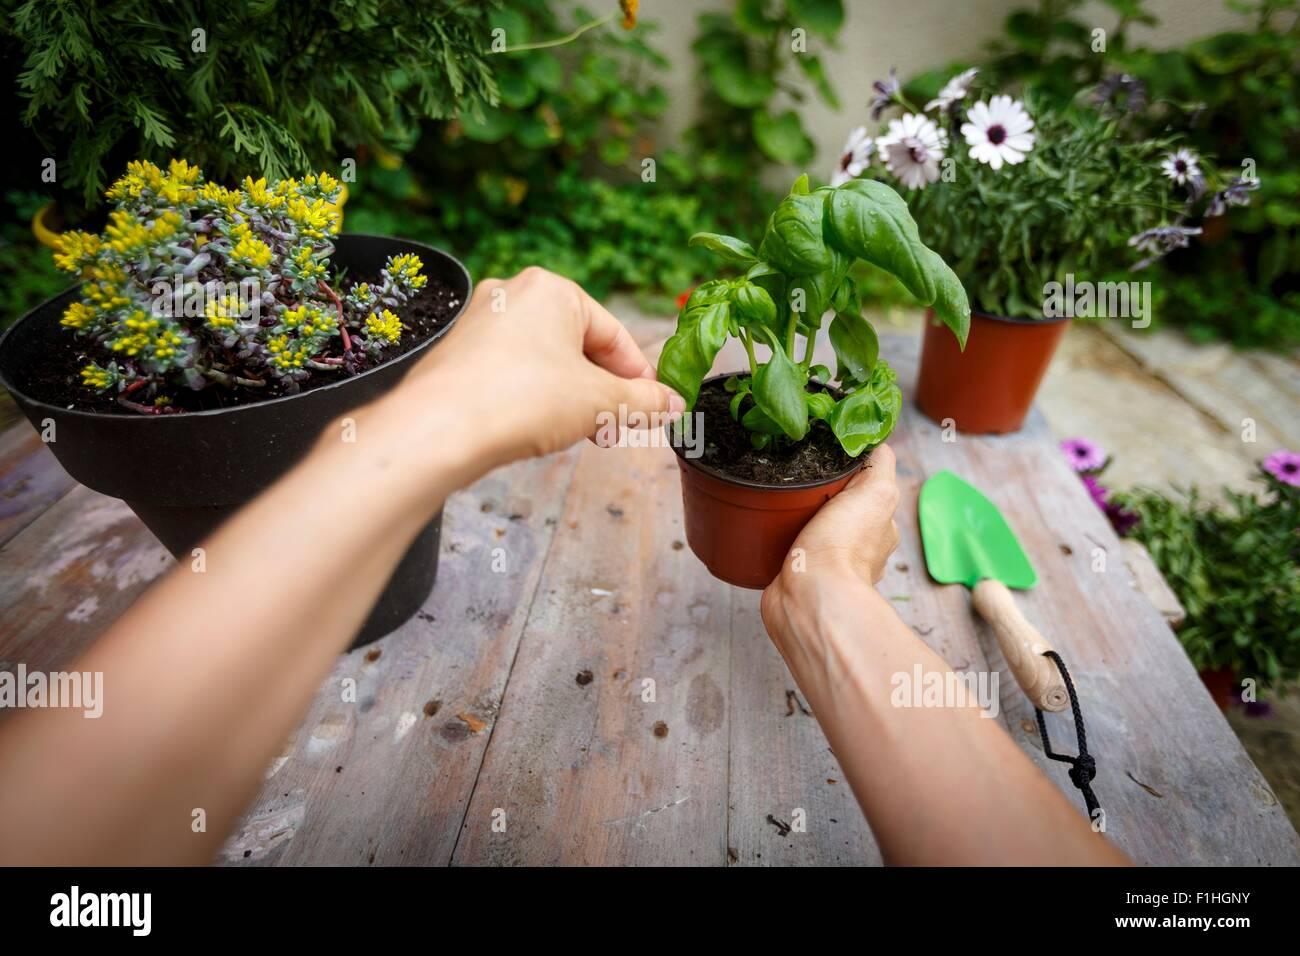 Point de vue, coup de mains tenant des plantes de basilic Photo Stock